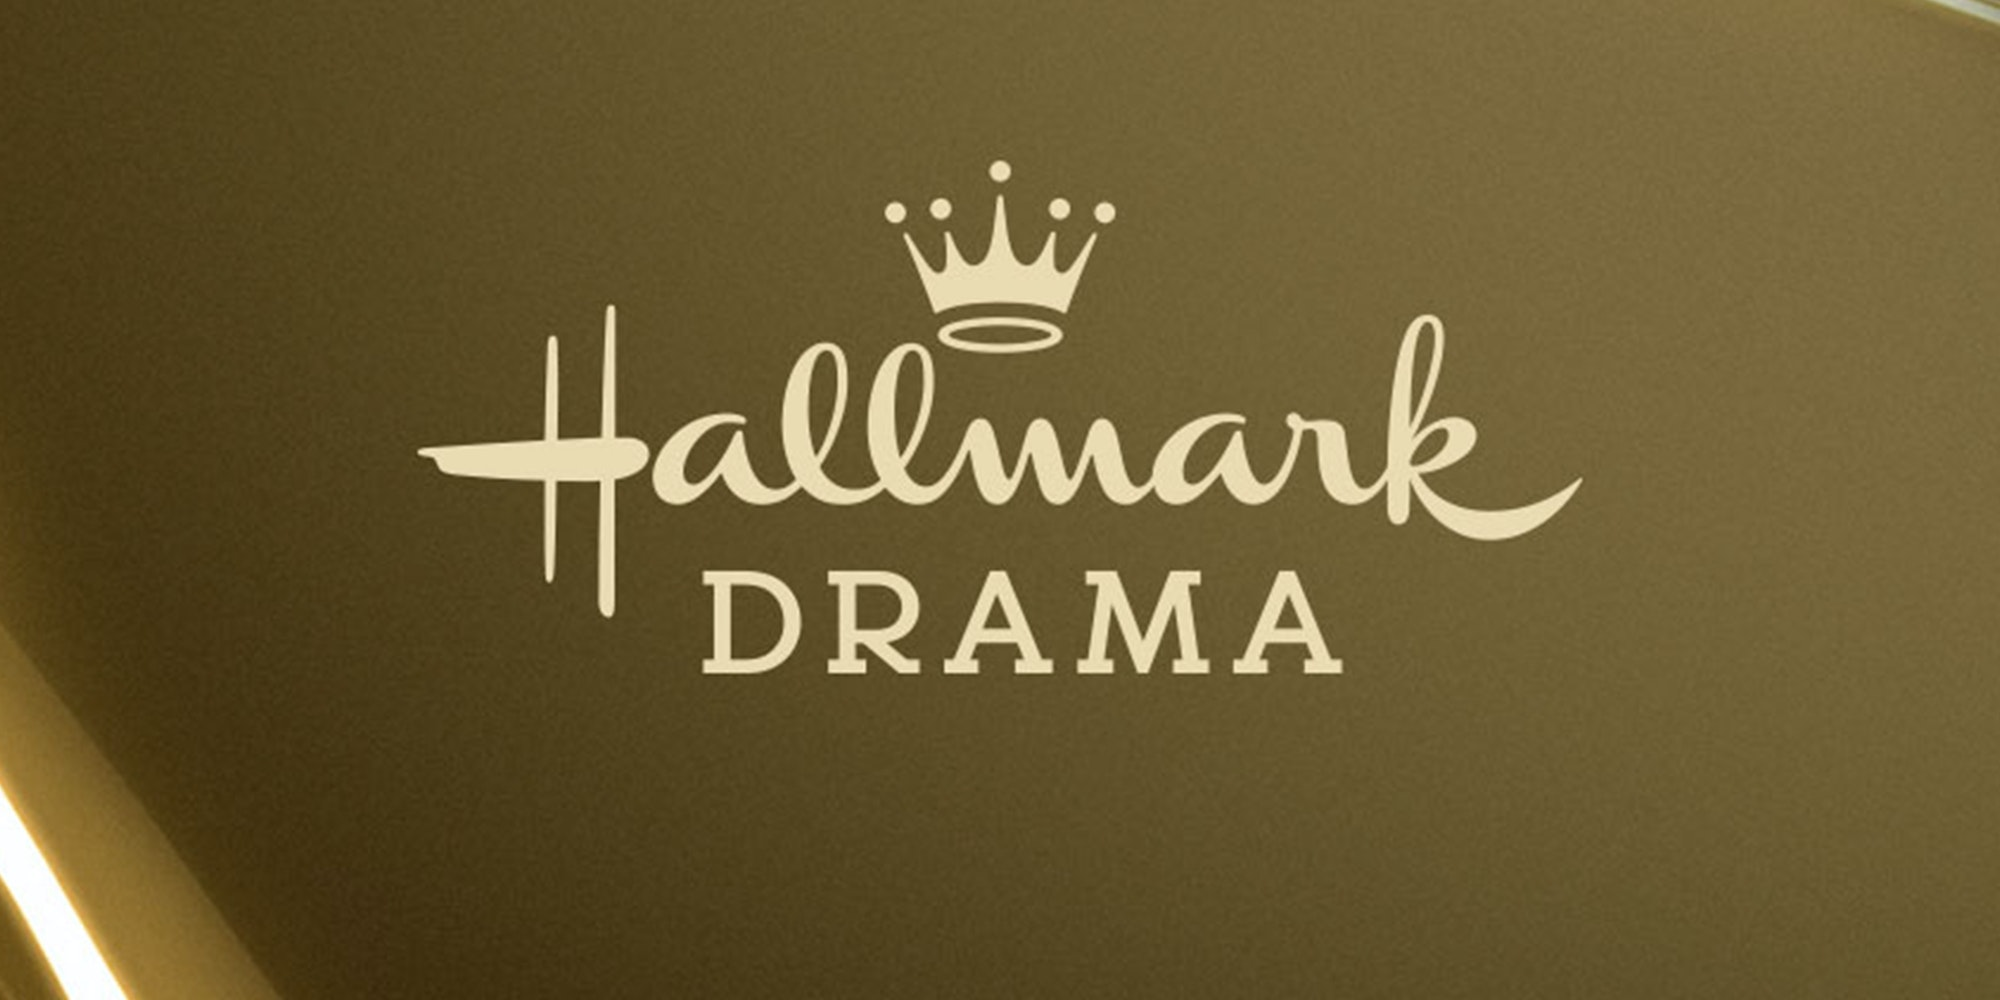 hallmark drama live stream